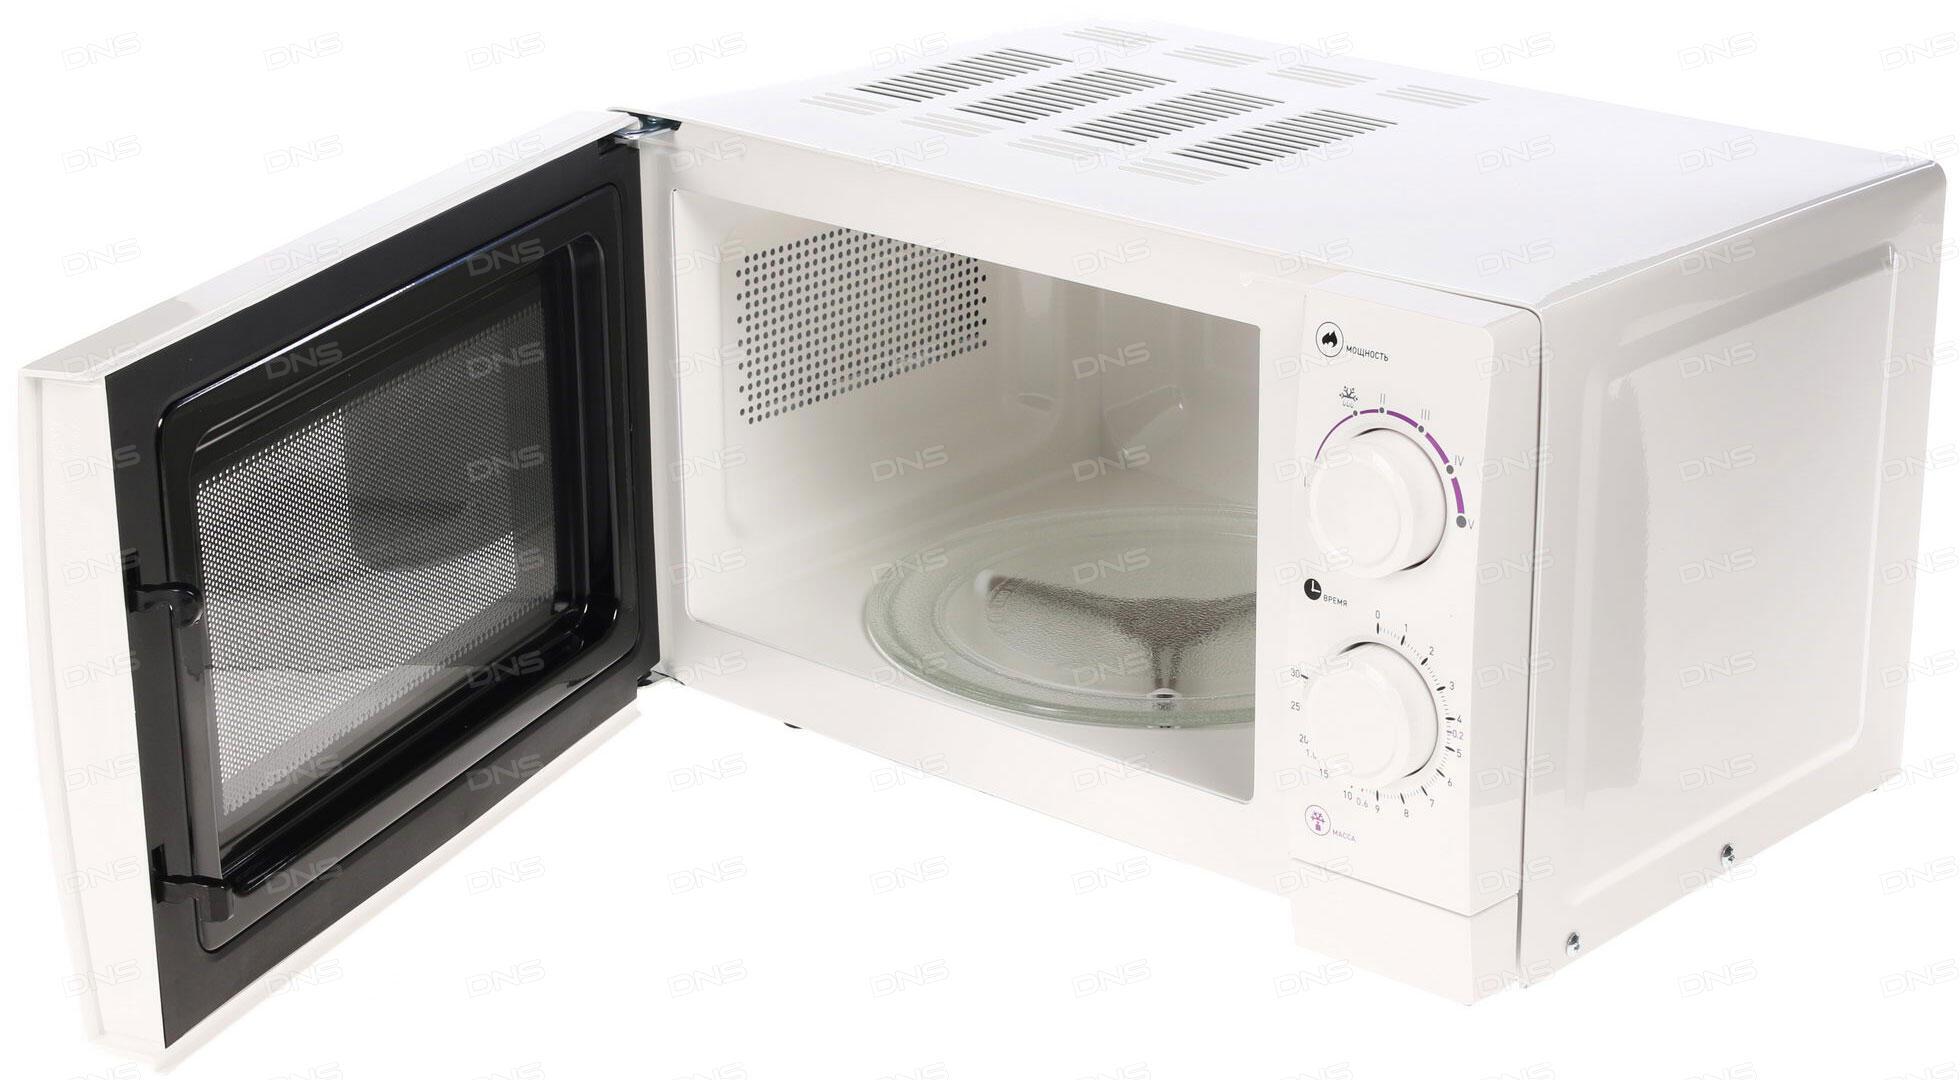 микроволновая печь ролсен ms2080mk инструкция